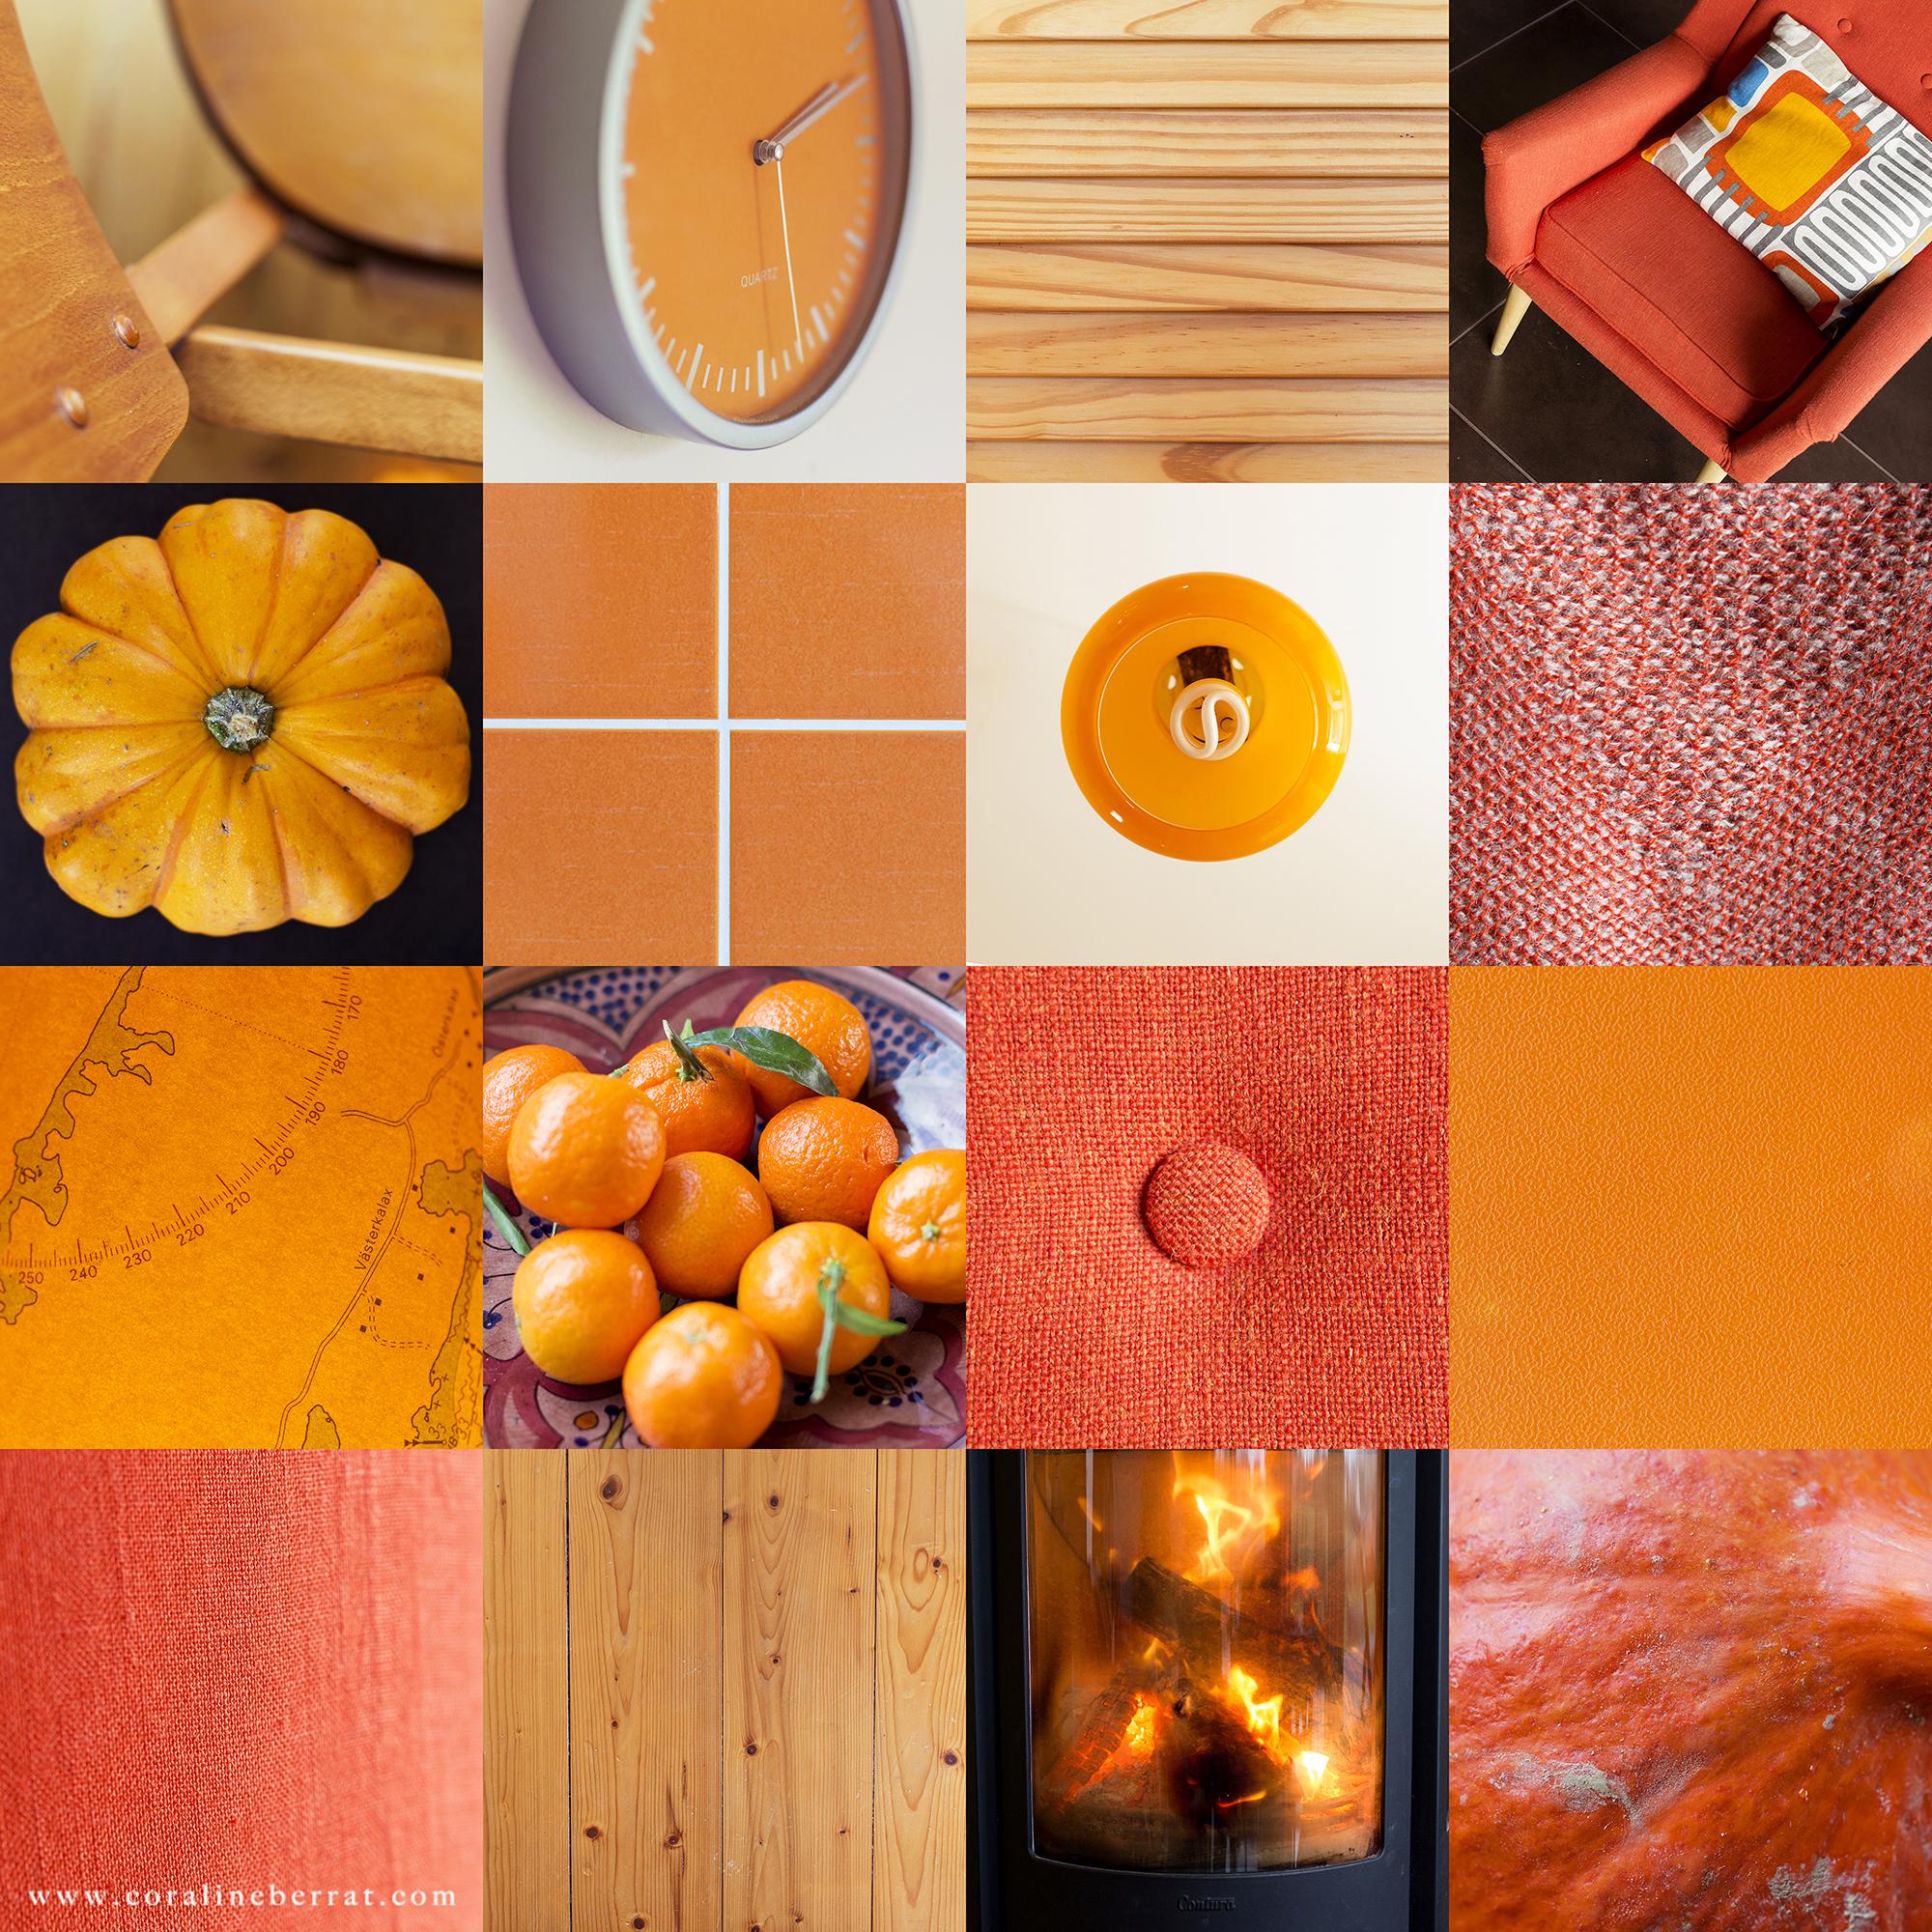 defi-creatif-orange